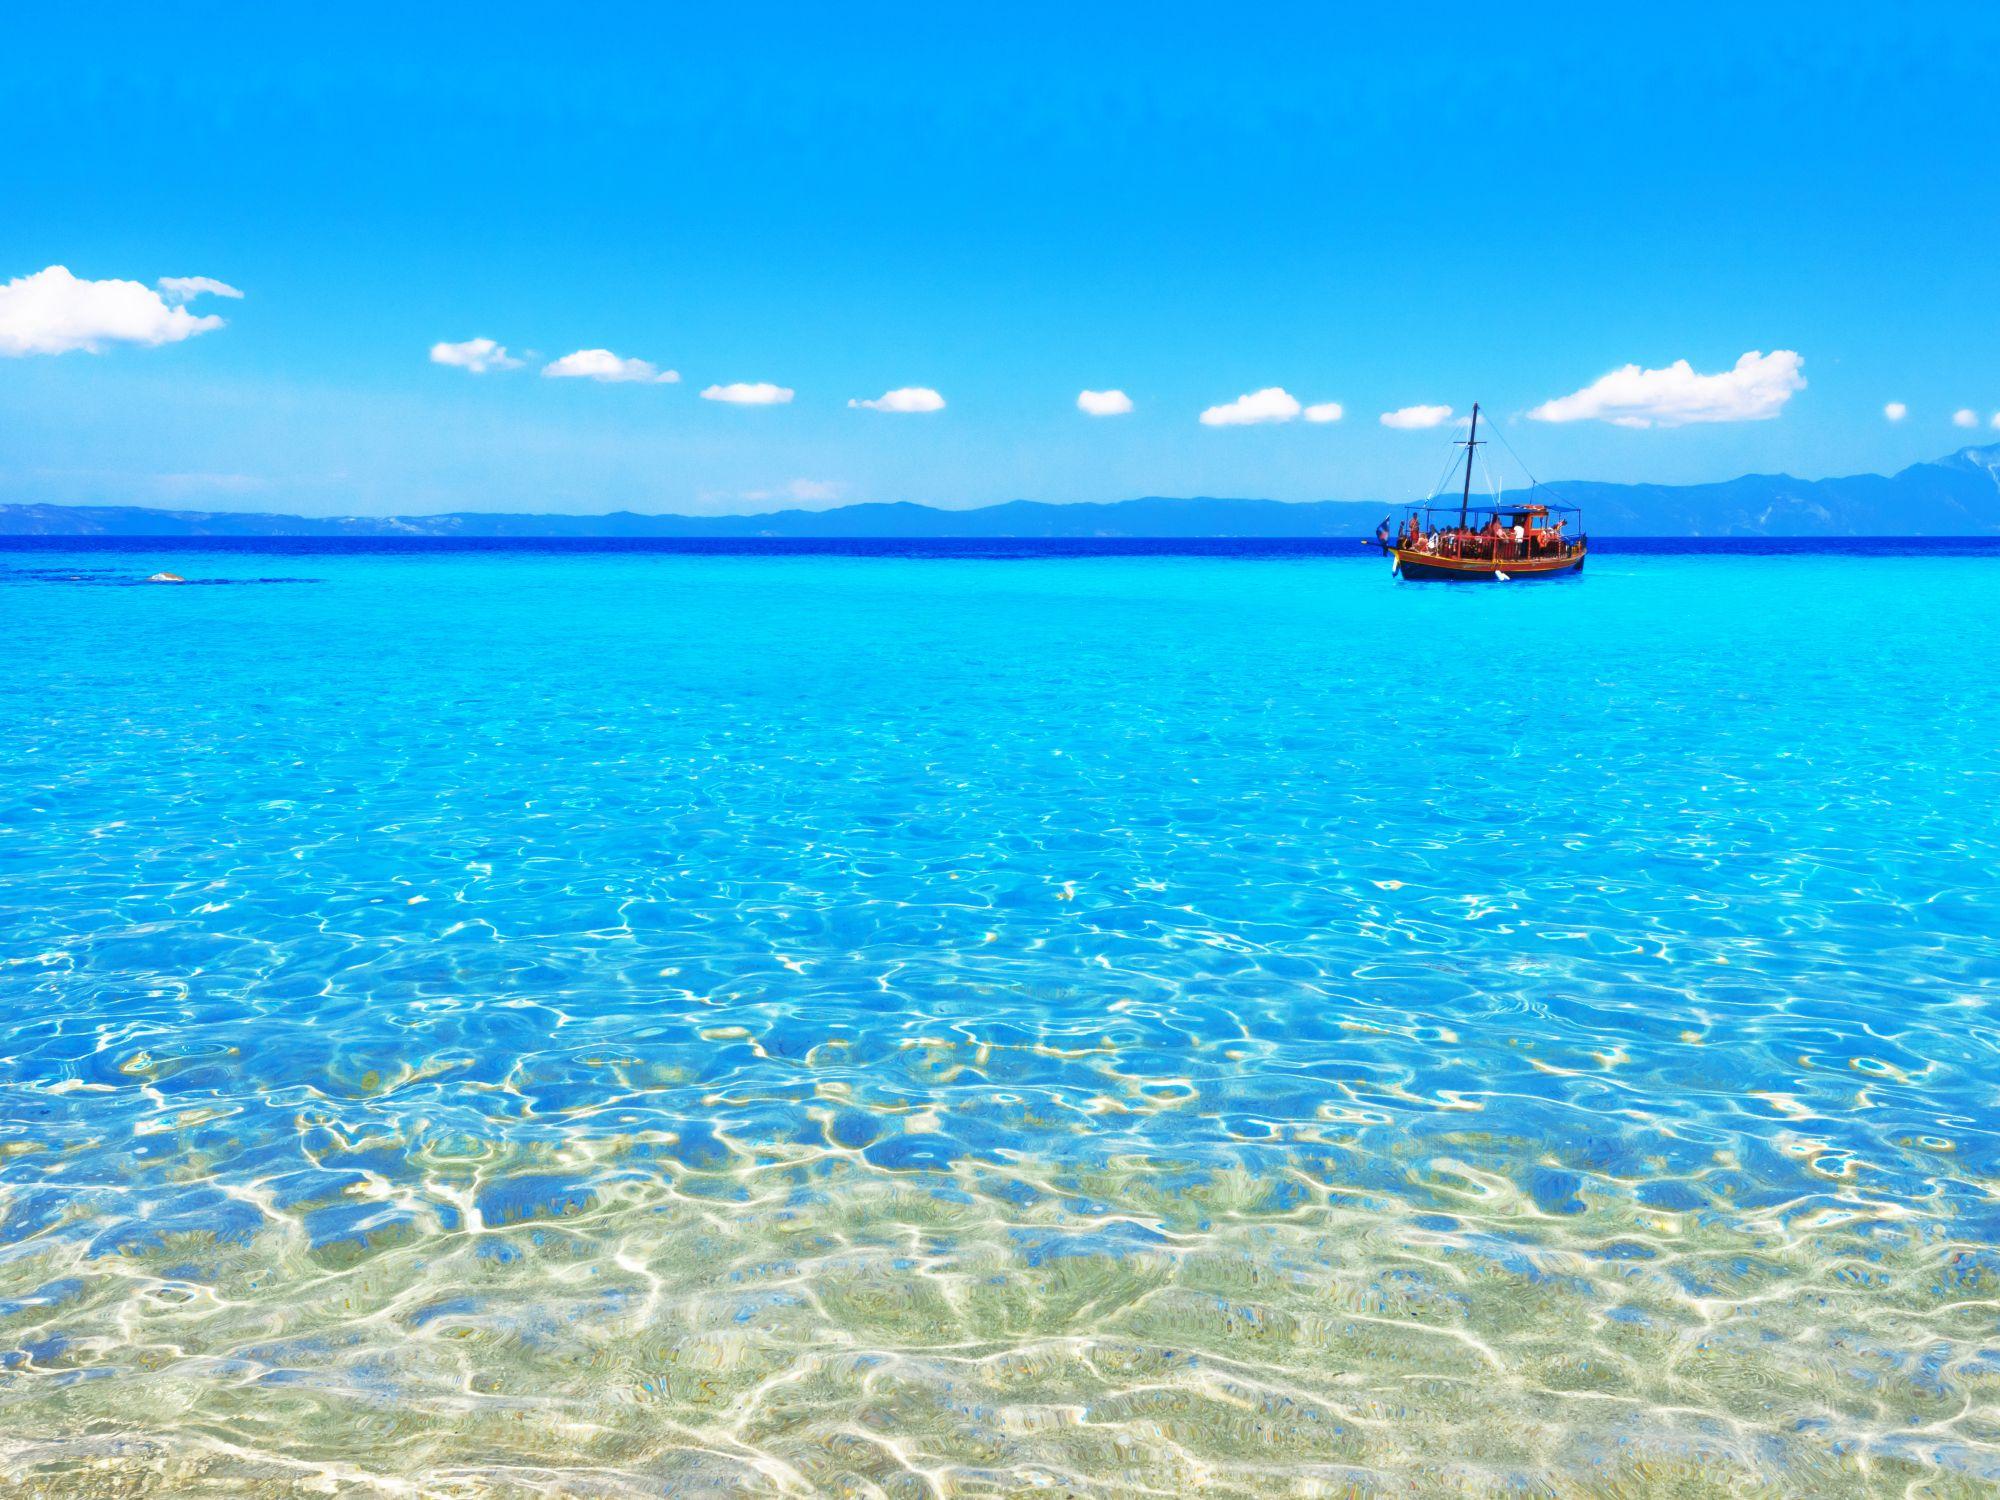 Myrsini Beach, Halkidiki